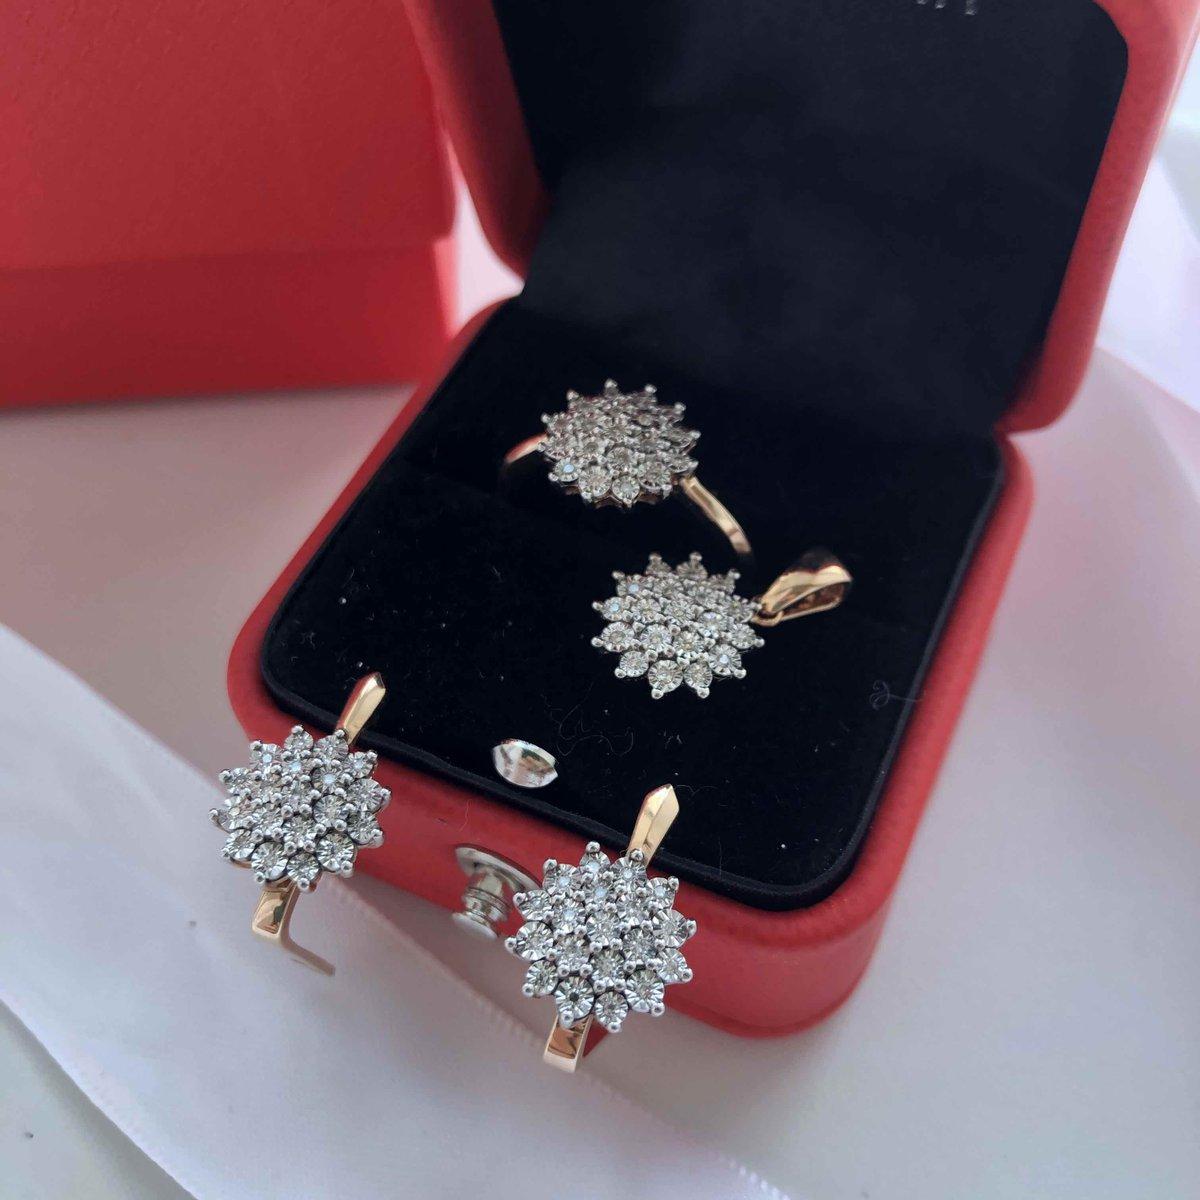 Лучшие друзья девушек это бриллианты ❤️